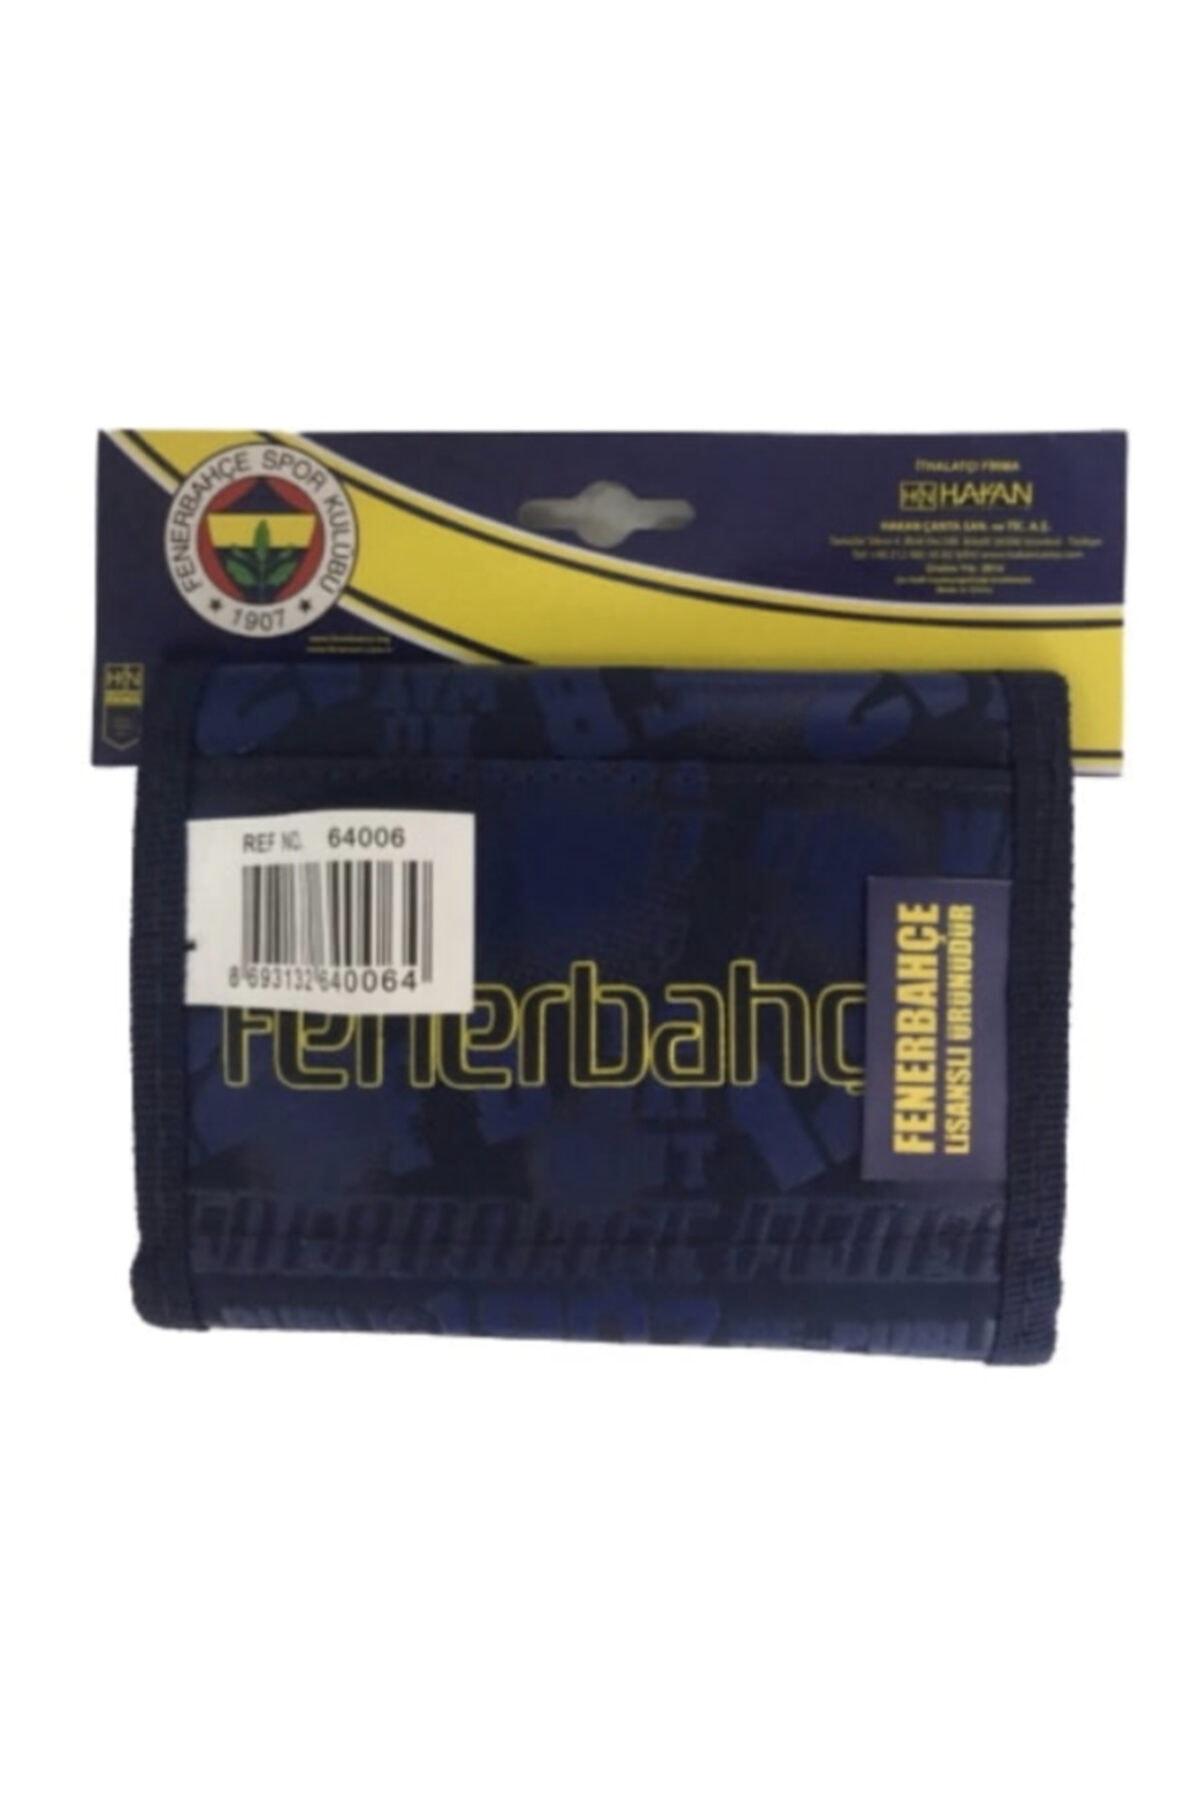 Hakan Çanta Fenerbahçe Cüzdan 64006 2